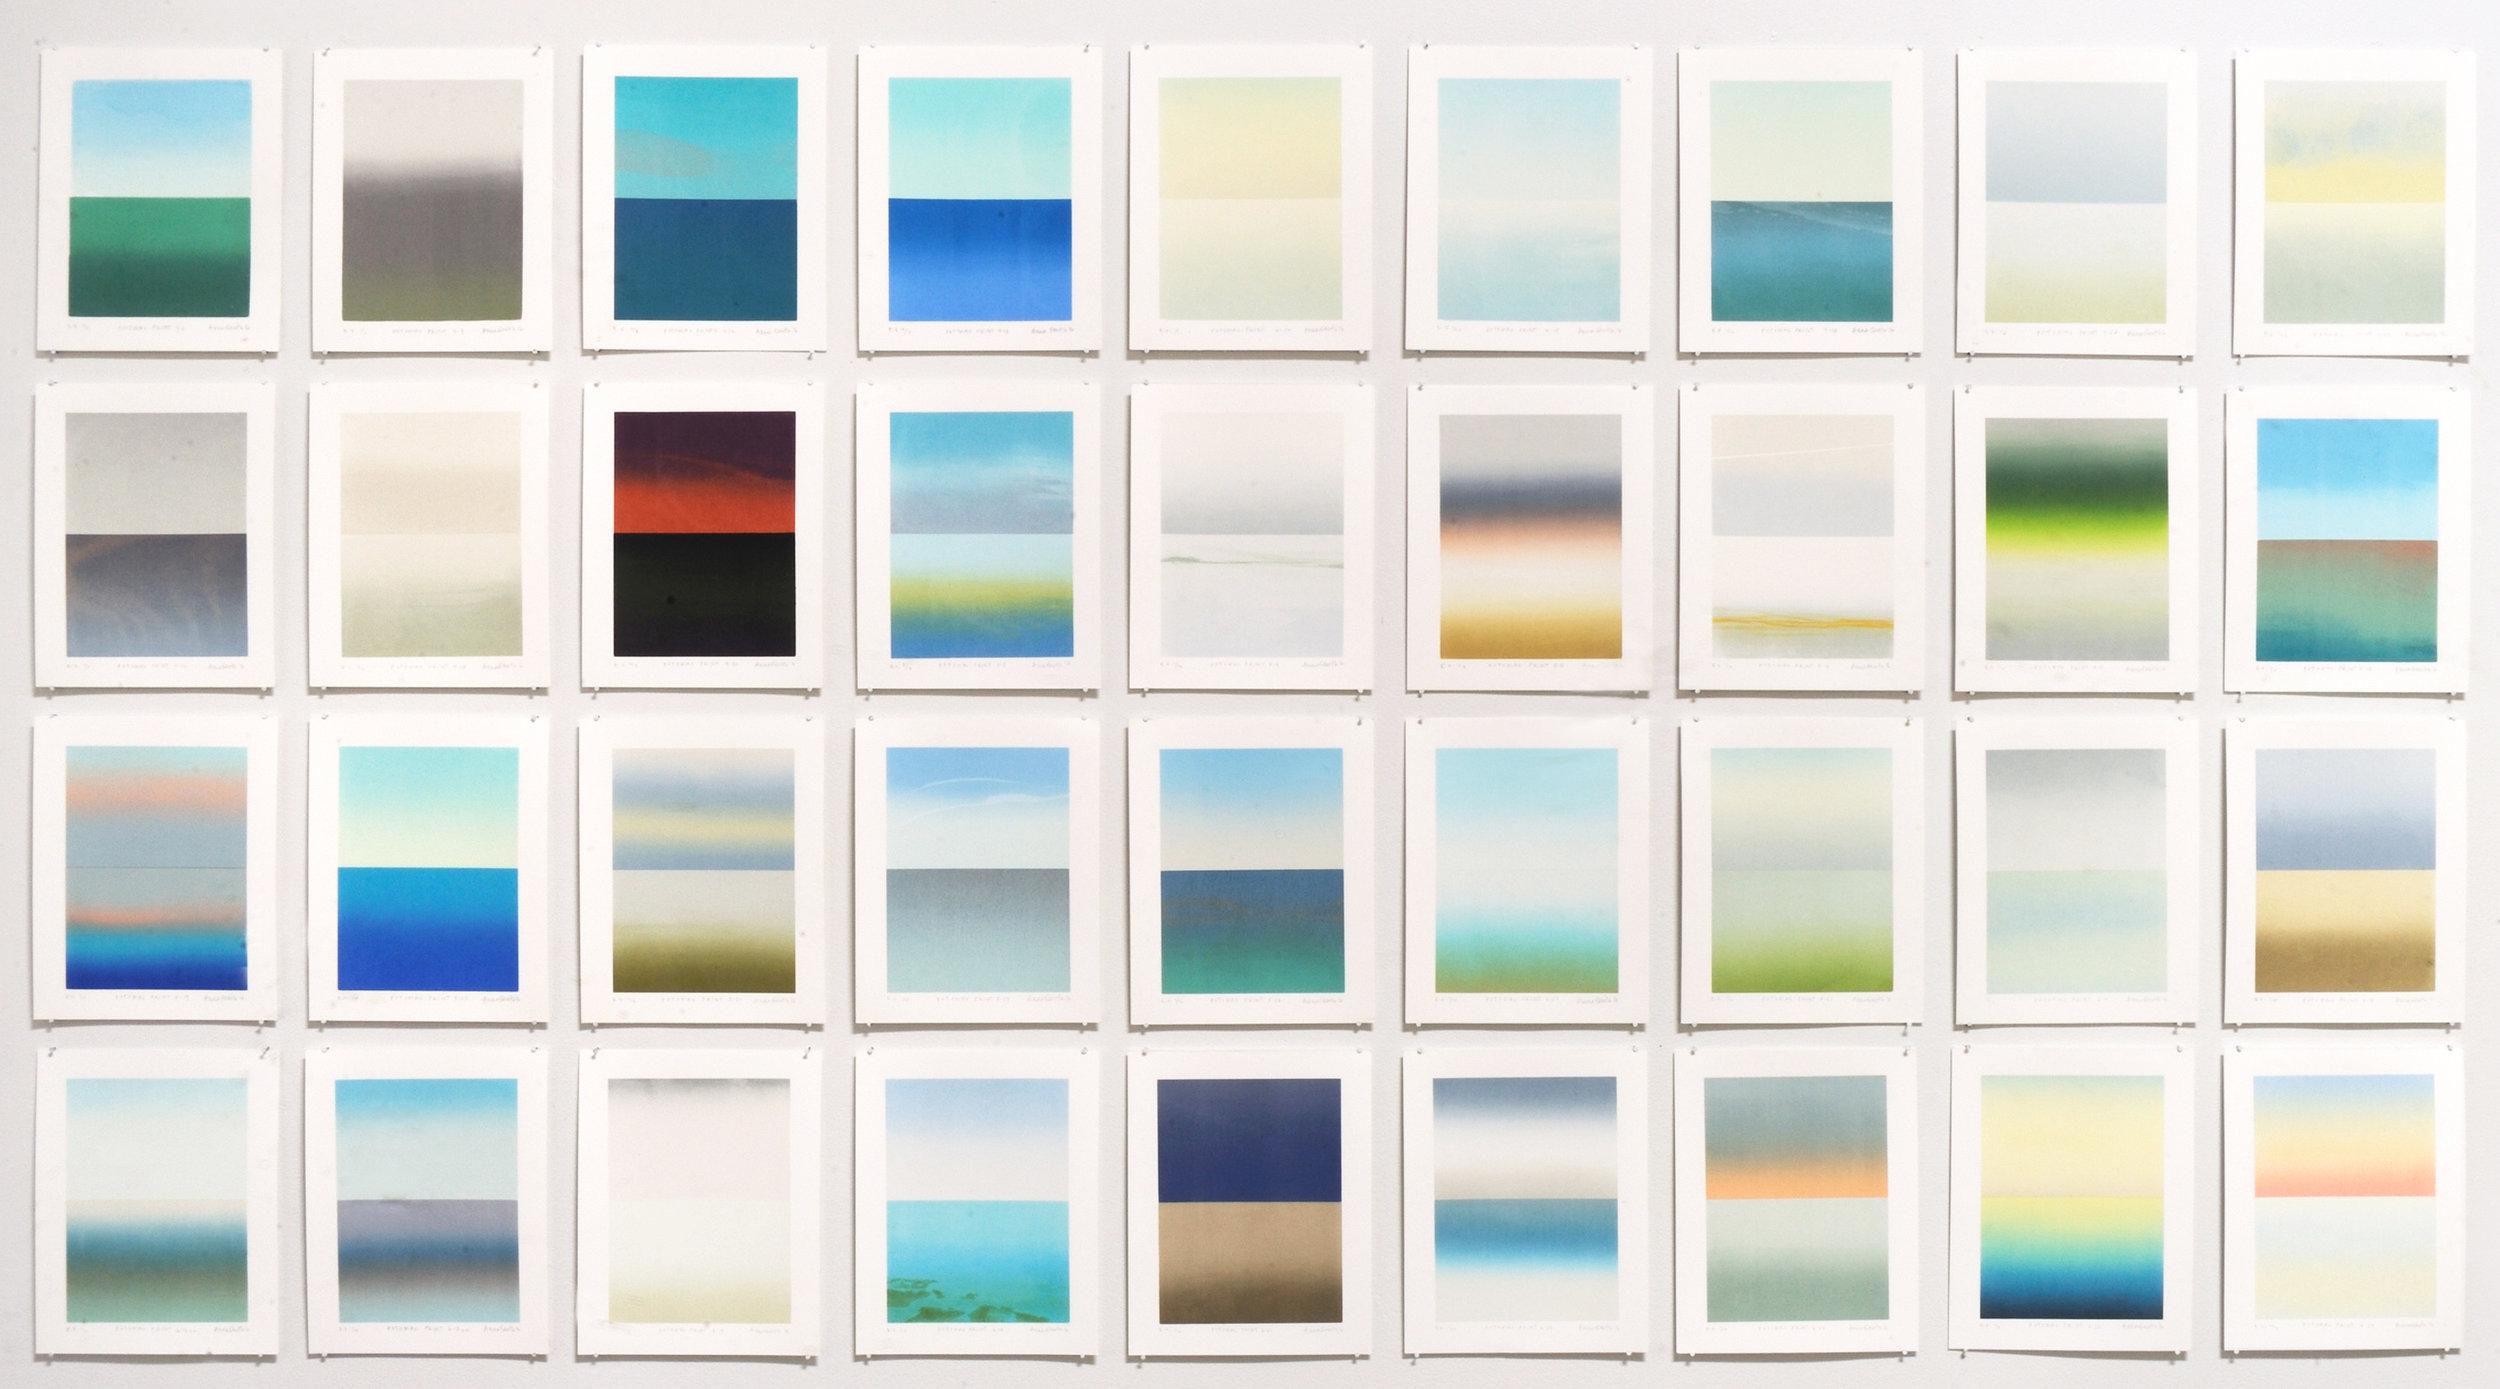 """Anne Smith,  Potomac Prints,  2016, silkscreen, 8"""" x 10"""" each print. Photo: Greg Staley."""